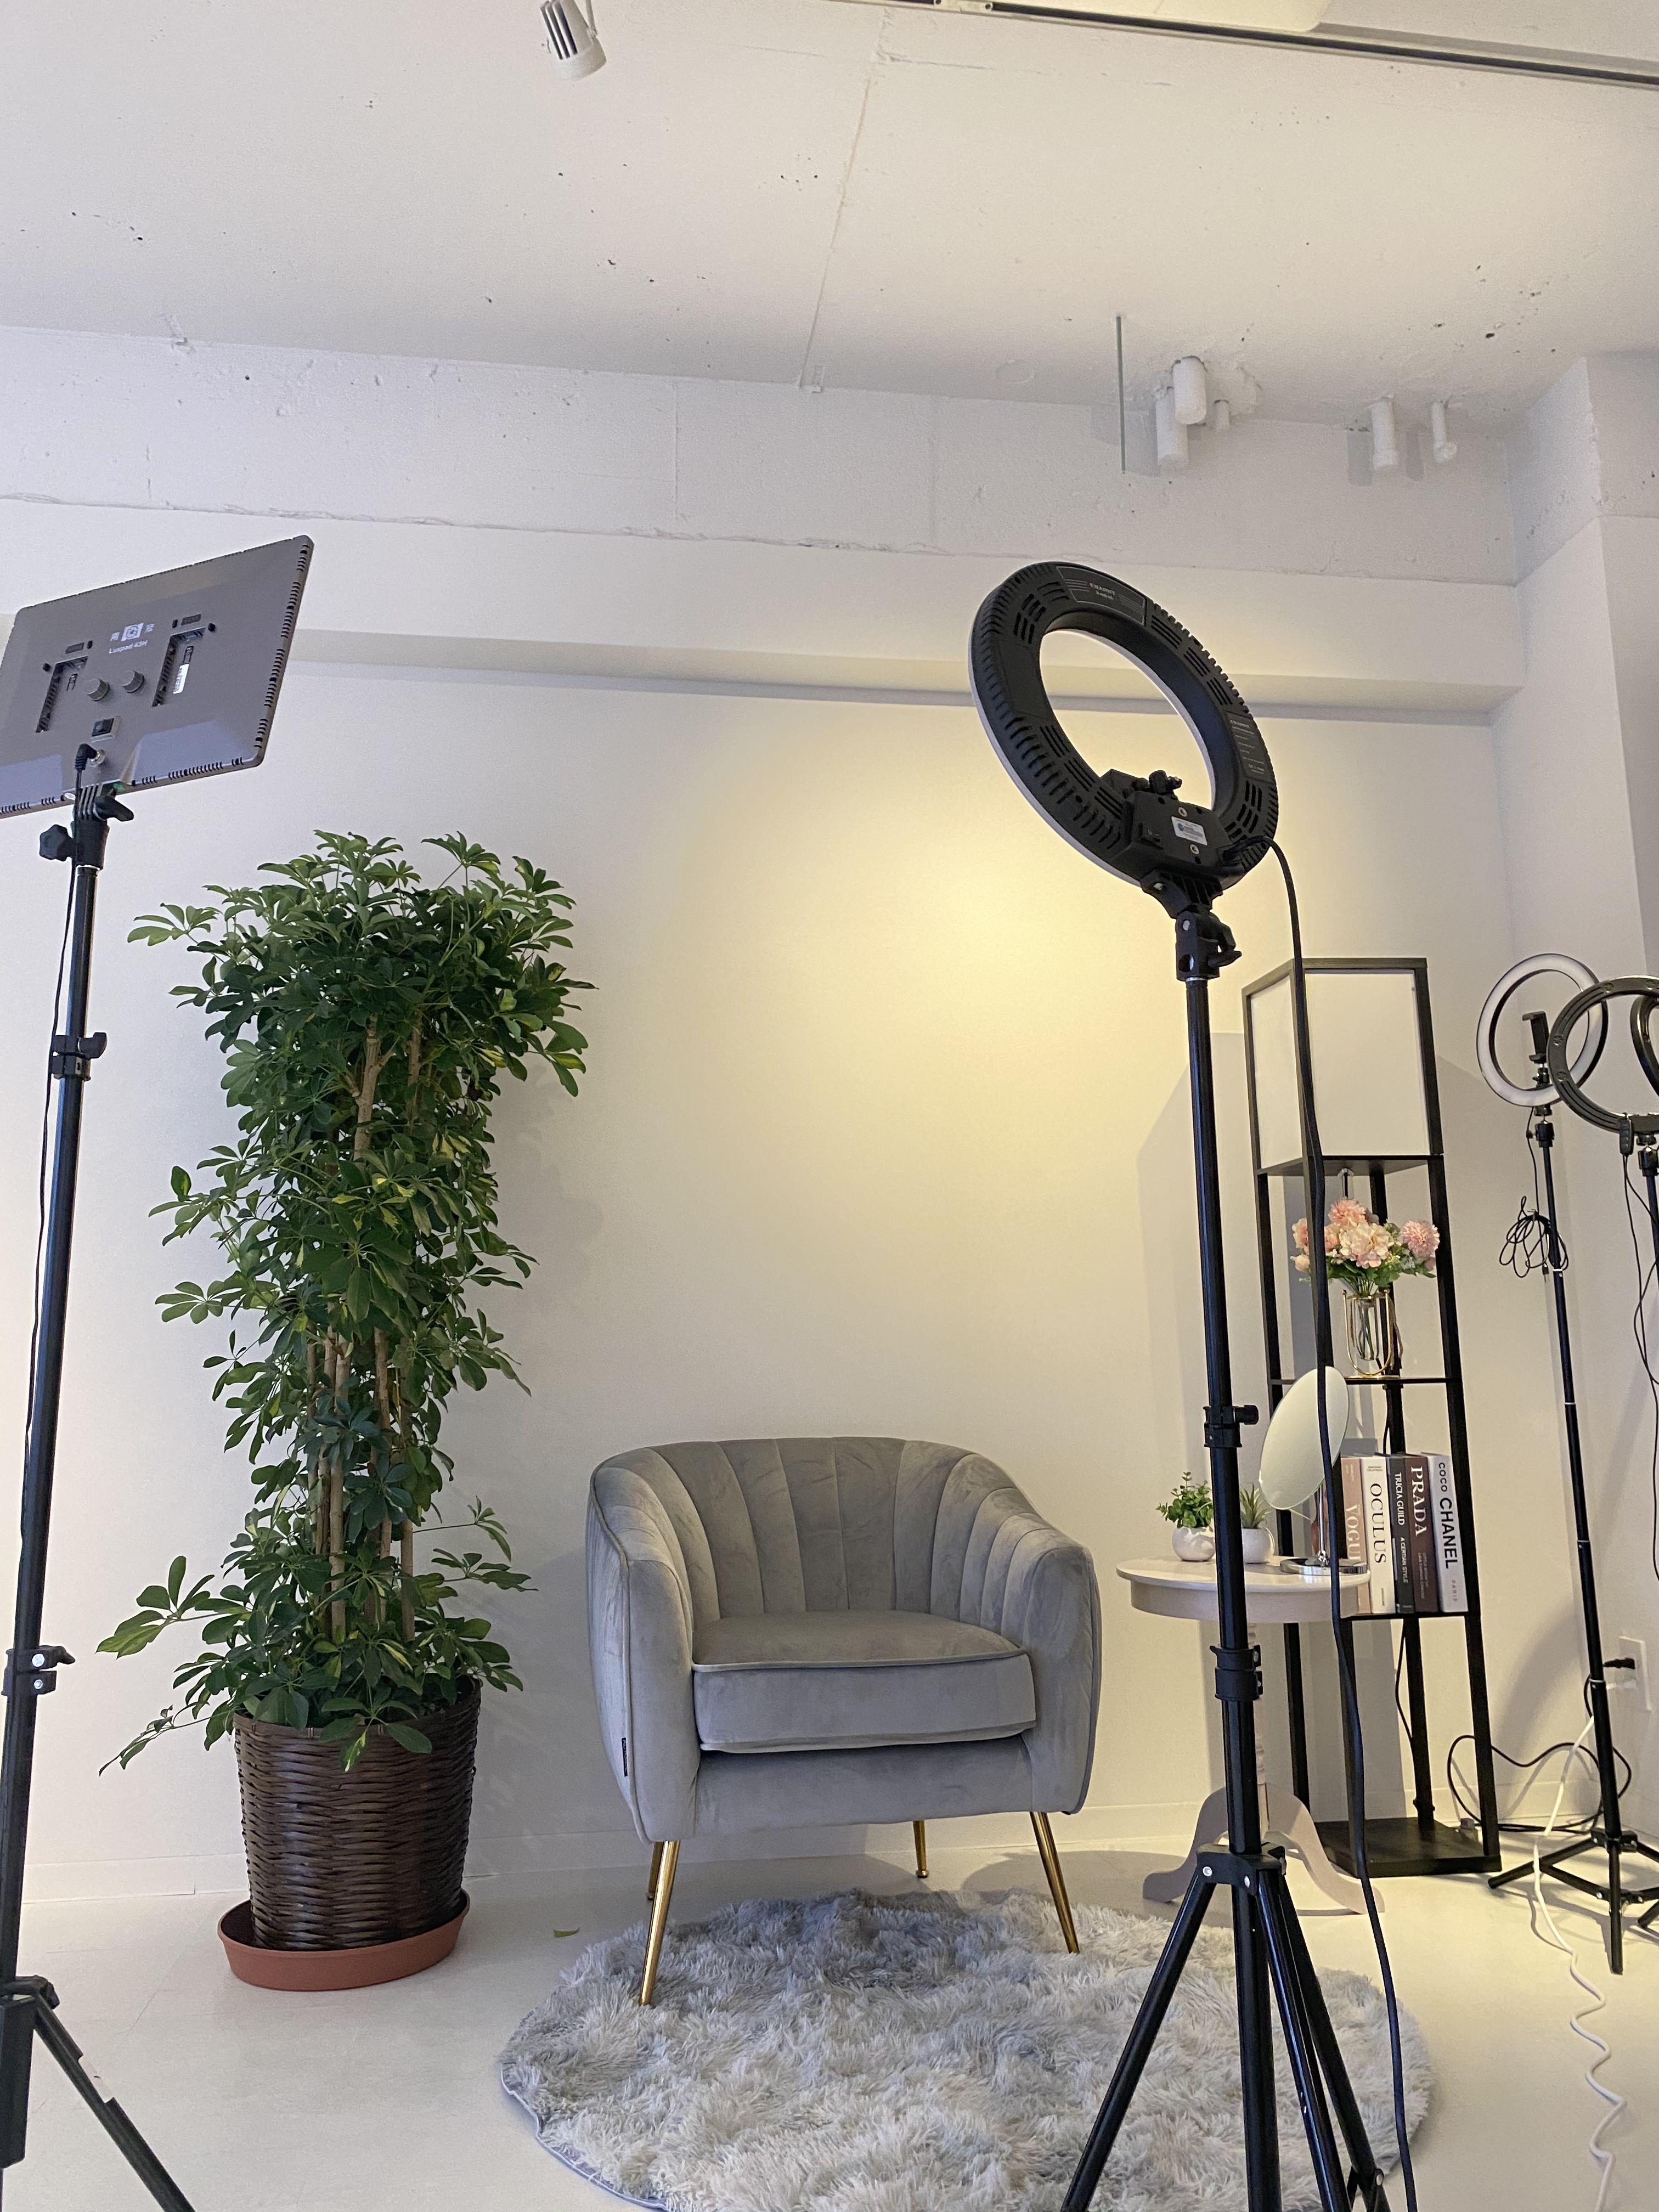 女の子ぽいモダンな雰囲気で撮影も可能! - KIRKE(キルケ)スタジオ 個人撮影、料理撮影、会議室の室内の写真